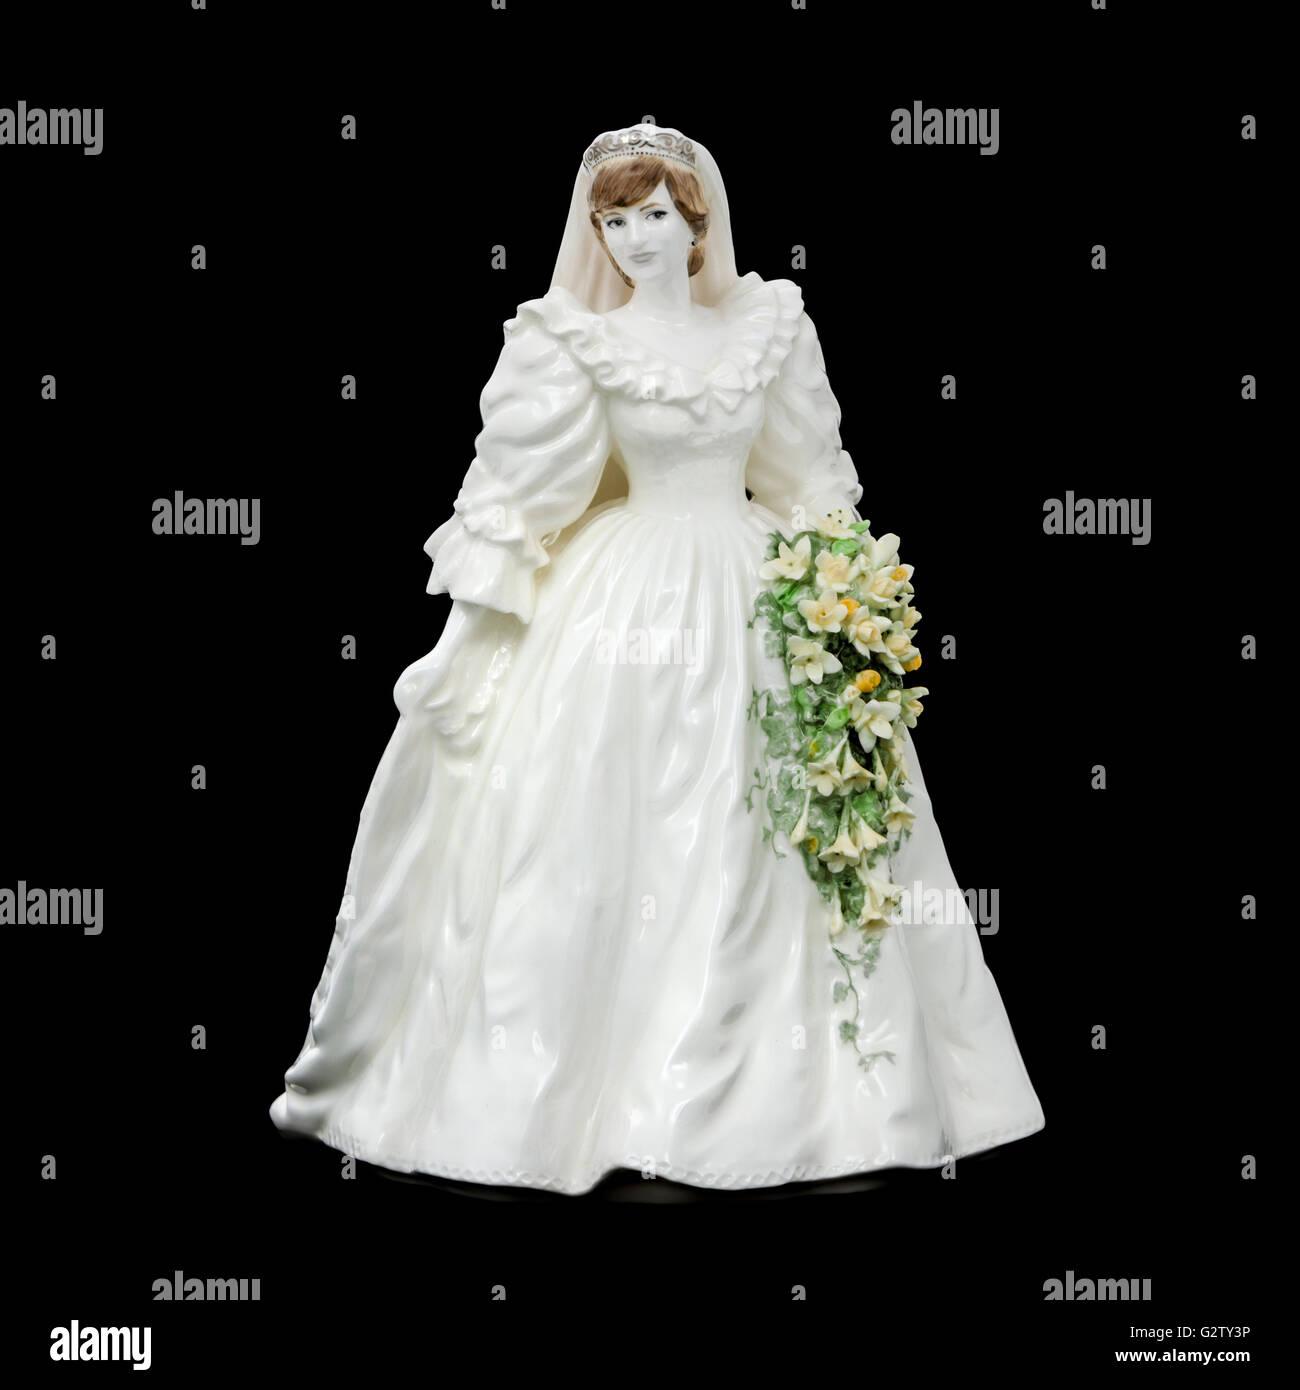 Hrh The Princess Diana Of Wales Stock Photos & Hrh The Princess ...